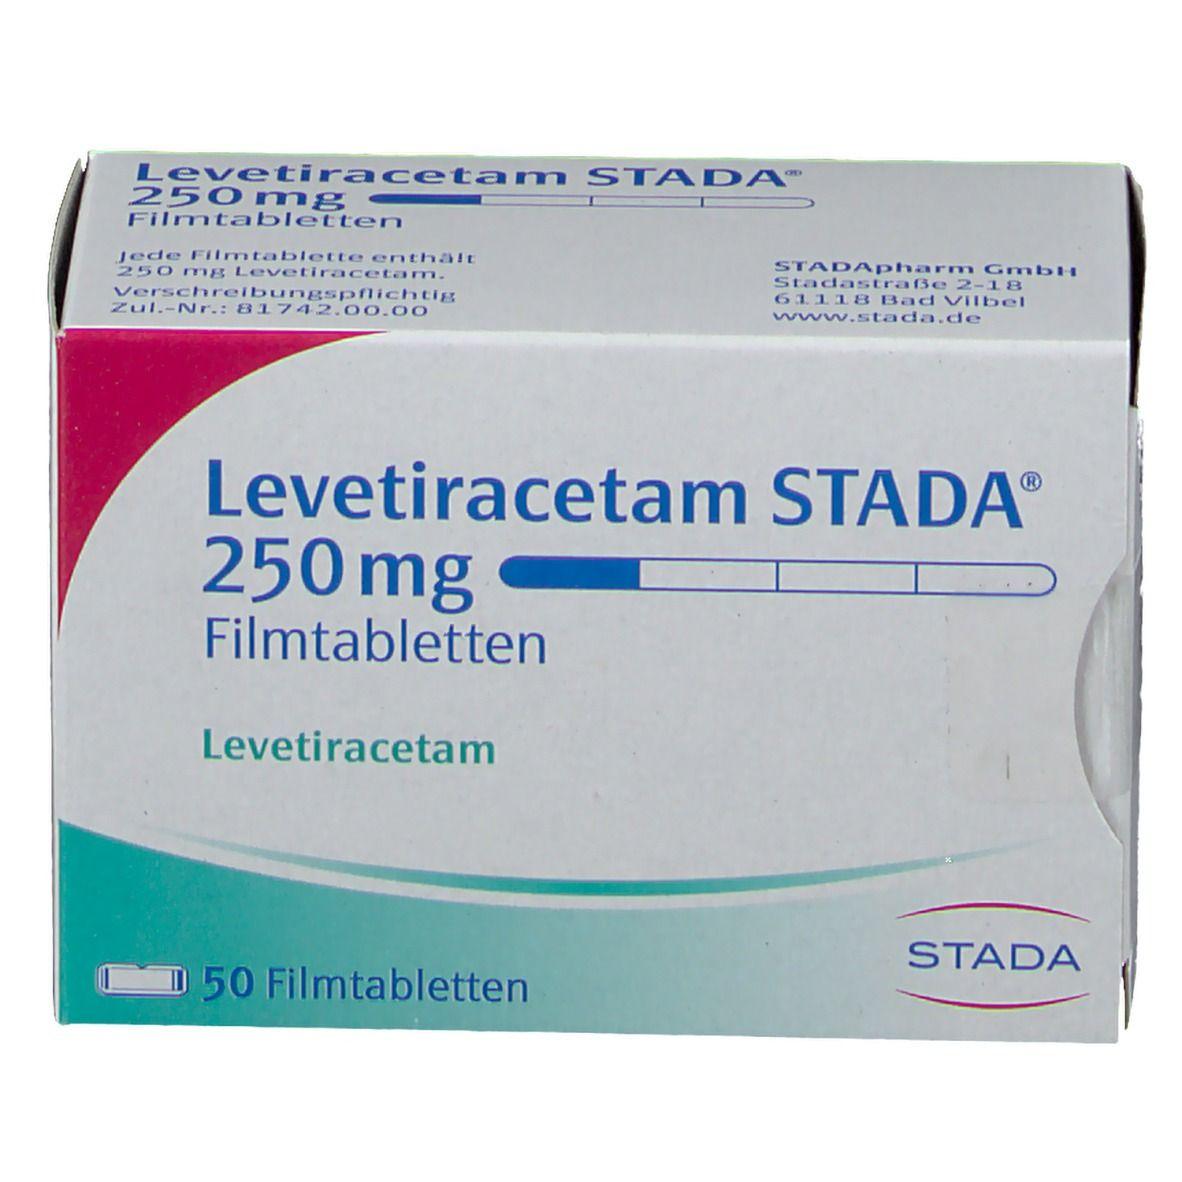 Levetiracetam STADA® 250 mg Filmtabletten